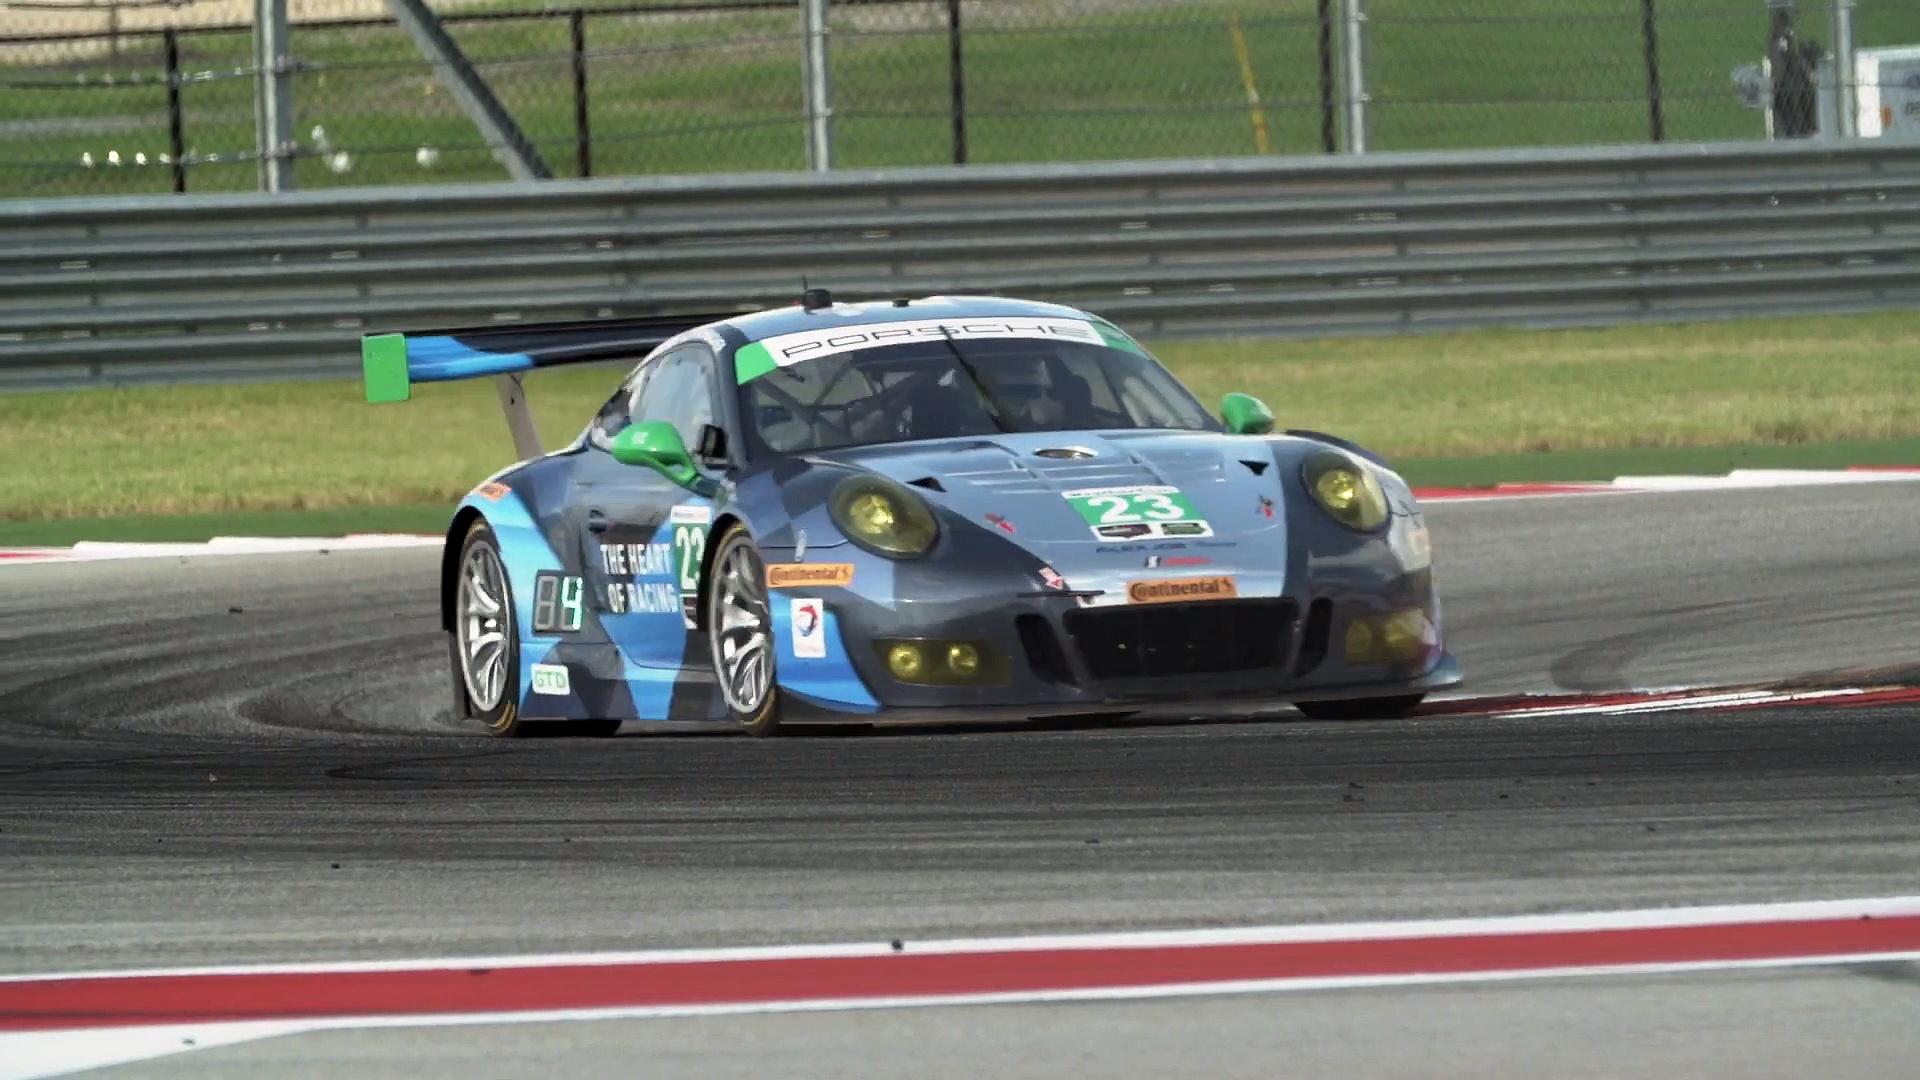 Porsche: Porsche festival in Texas (2016)